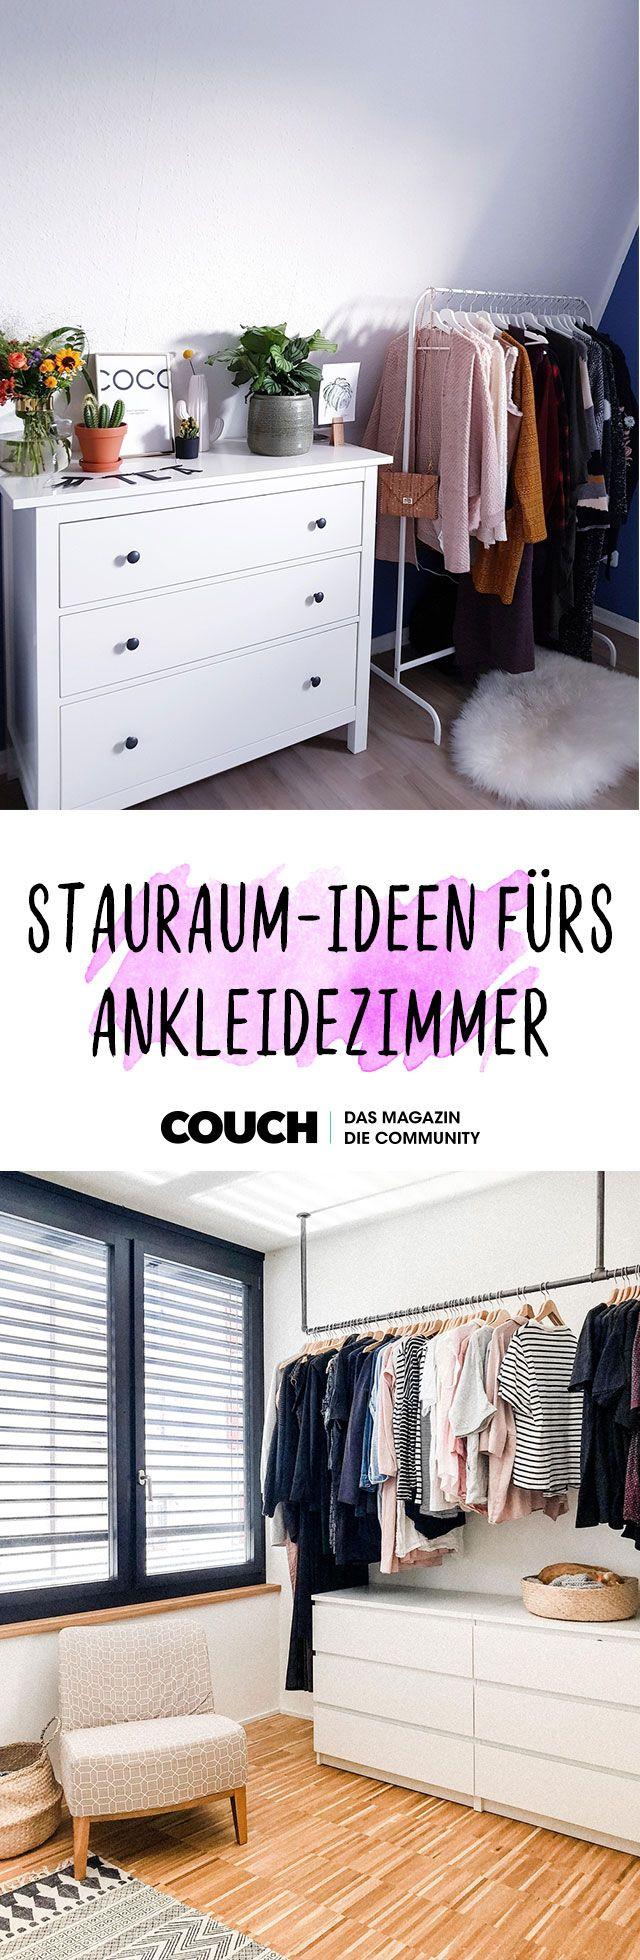 Ankleidezimmer Ideen Einfach Selber Machen Home Decor Room